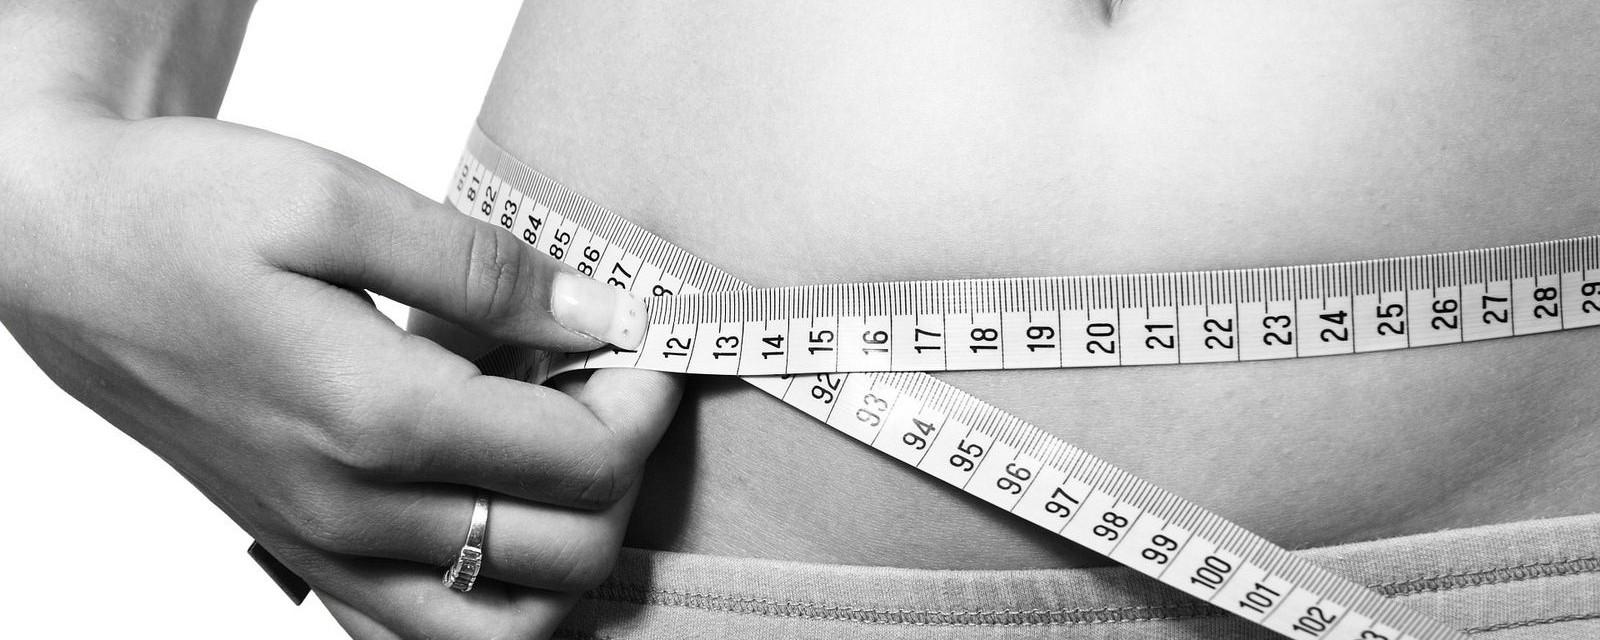 100 zile provocare pierdere în greutate Bjj arde grăsime